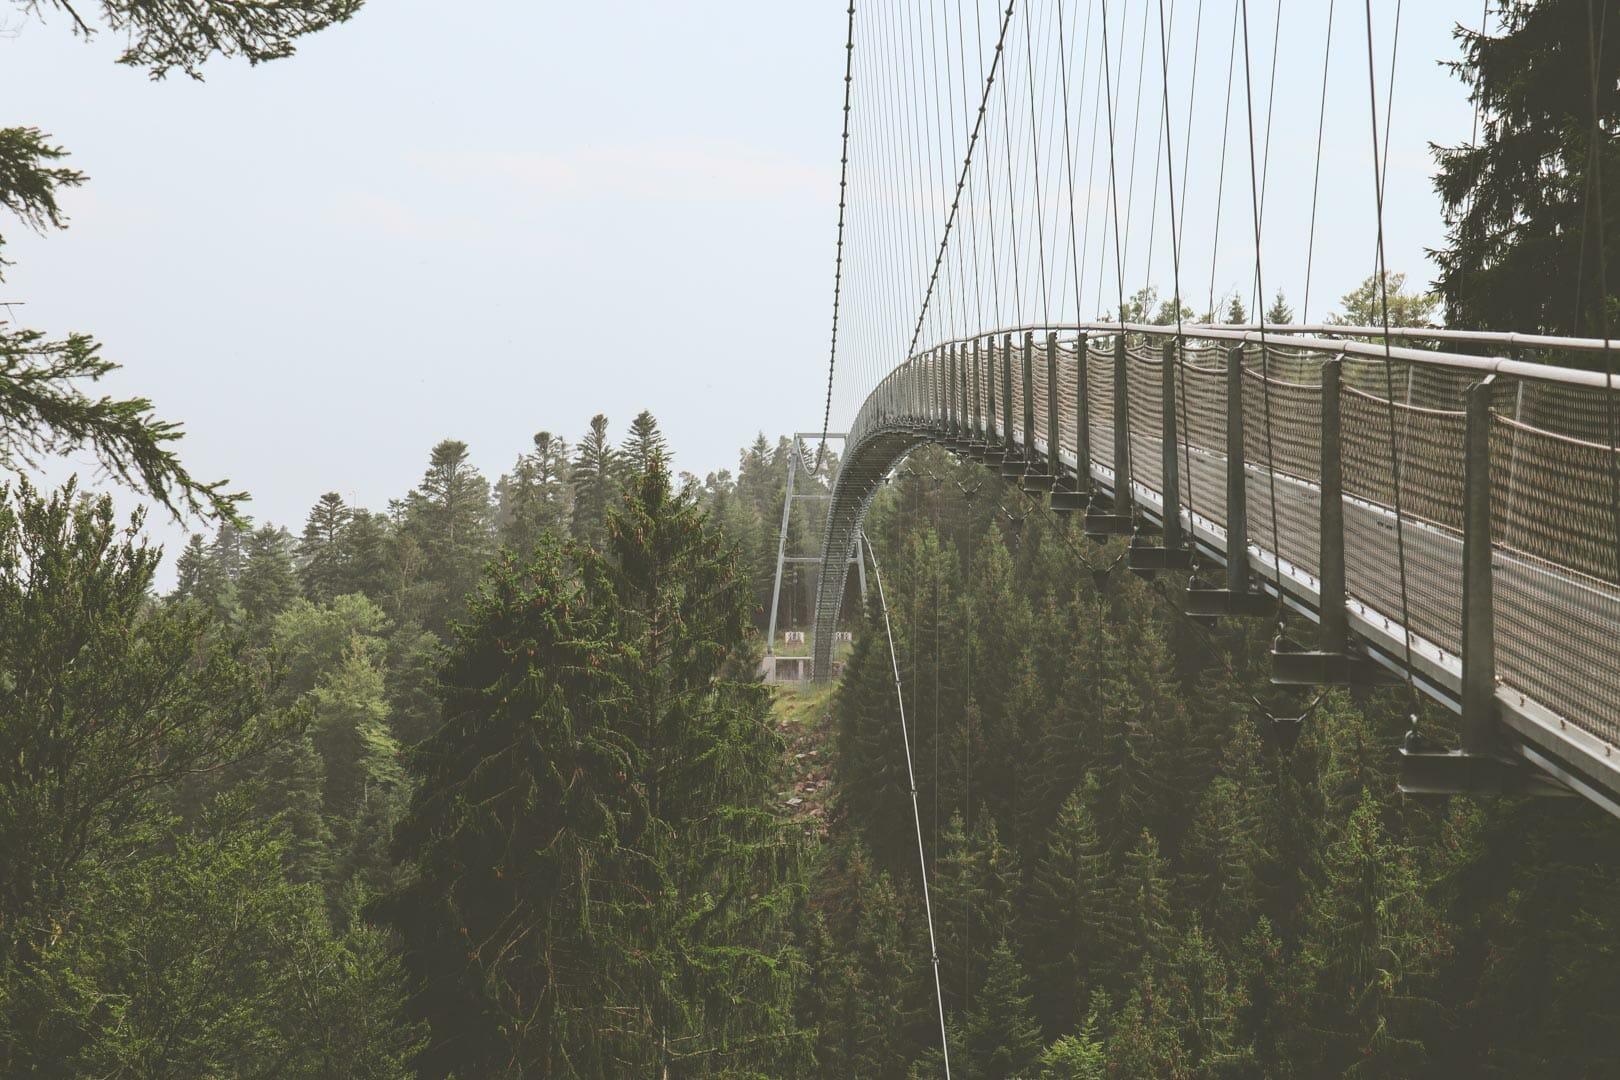 pont suspendu foret noire